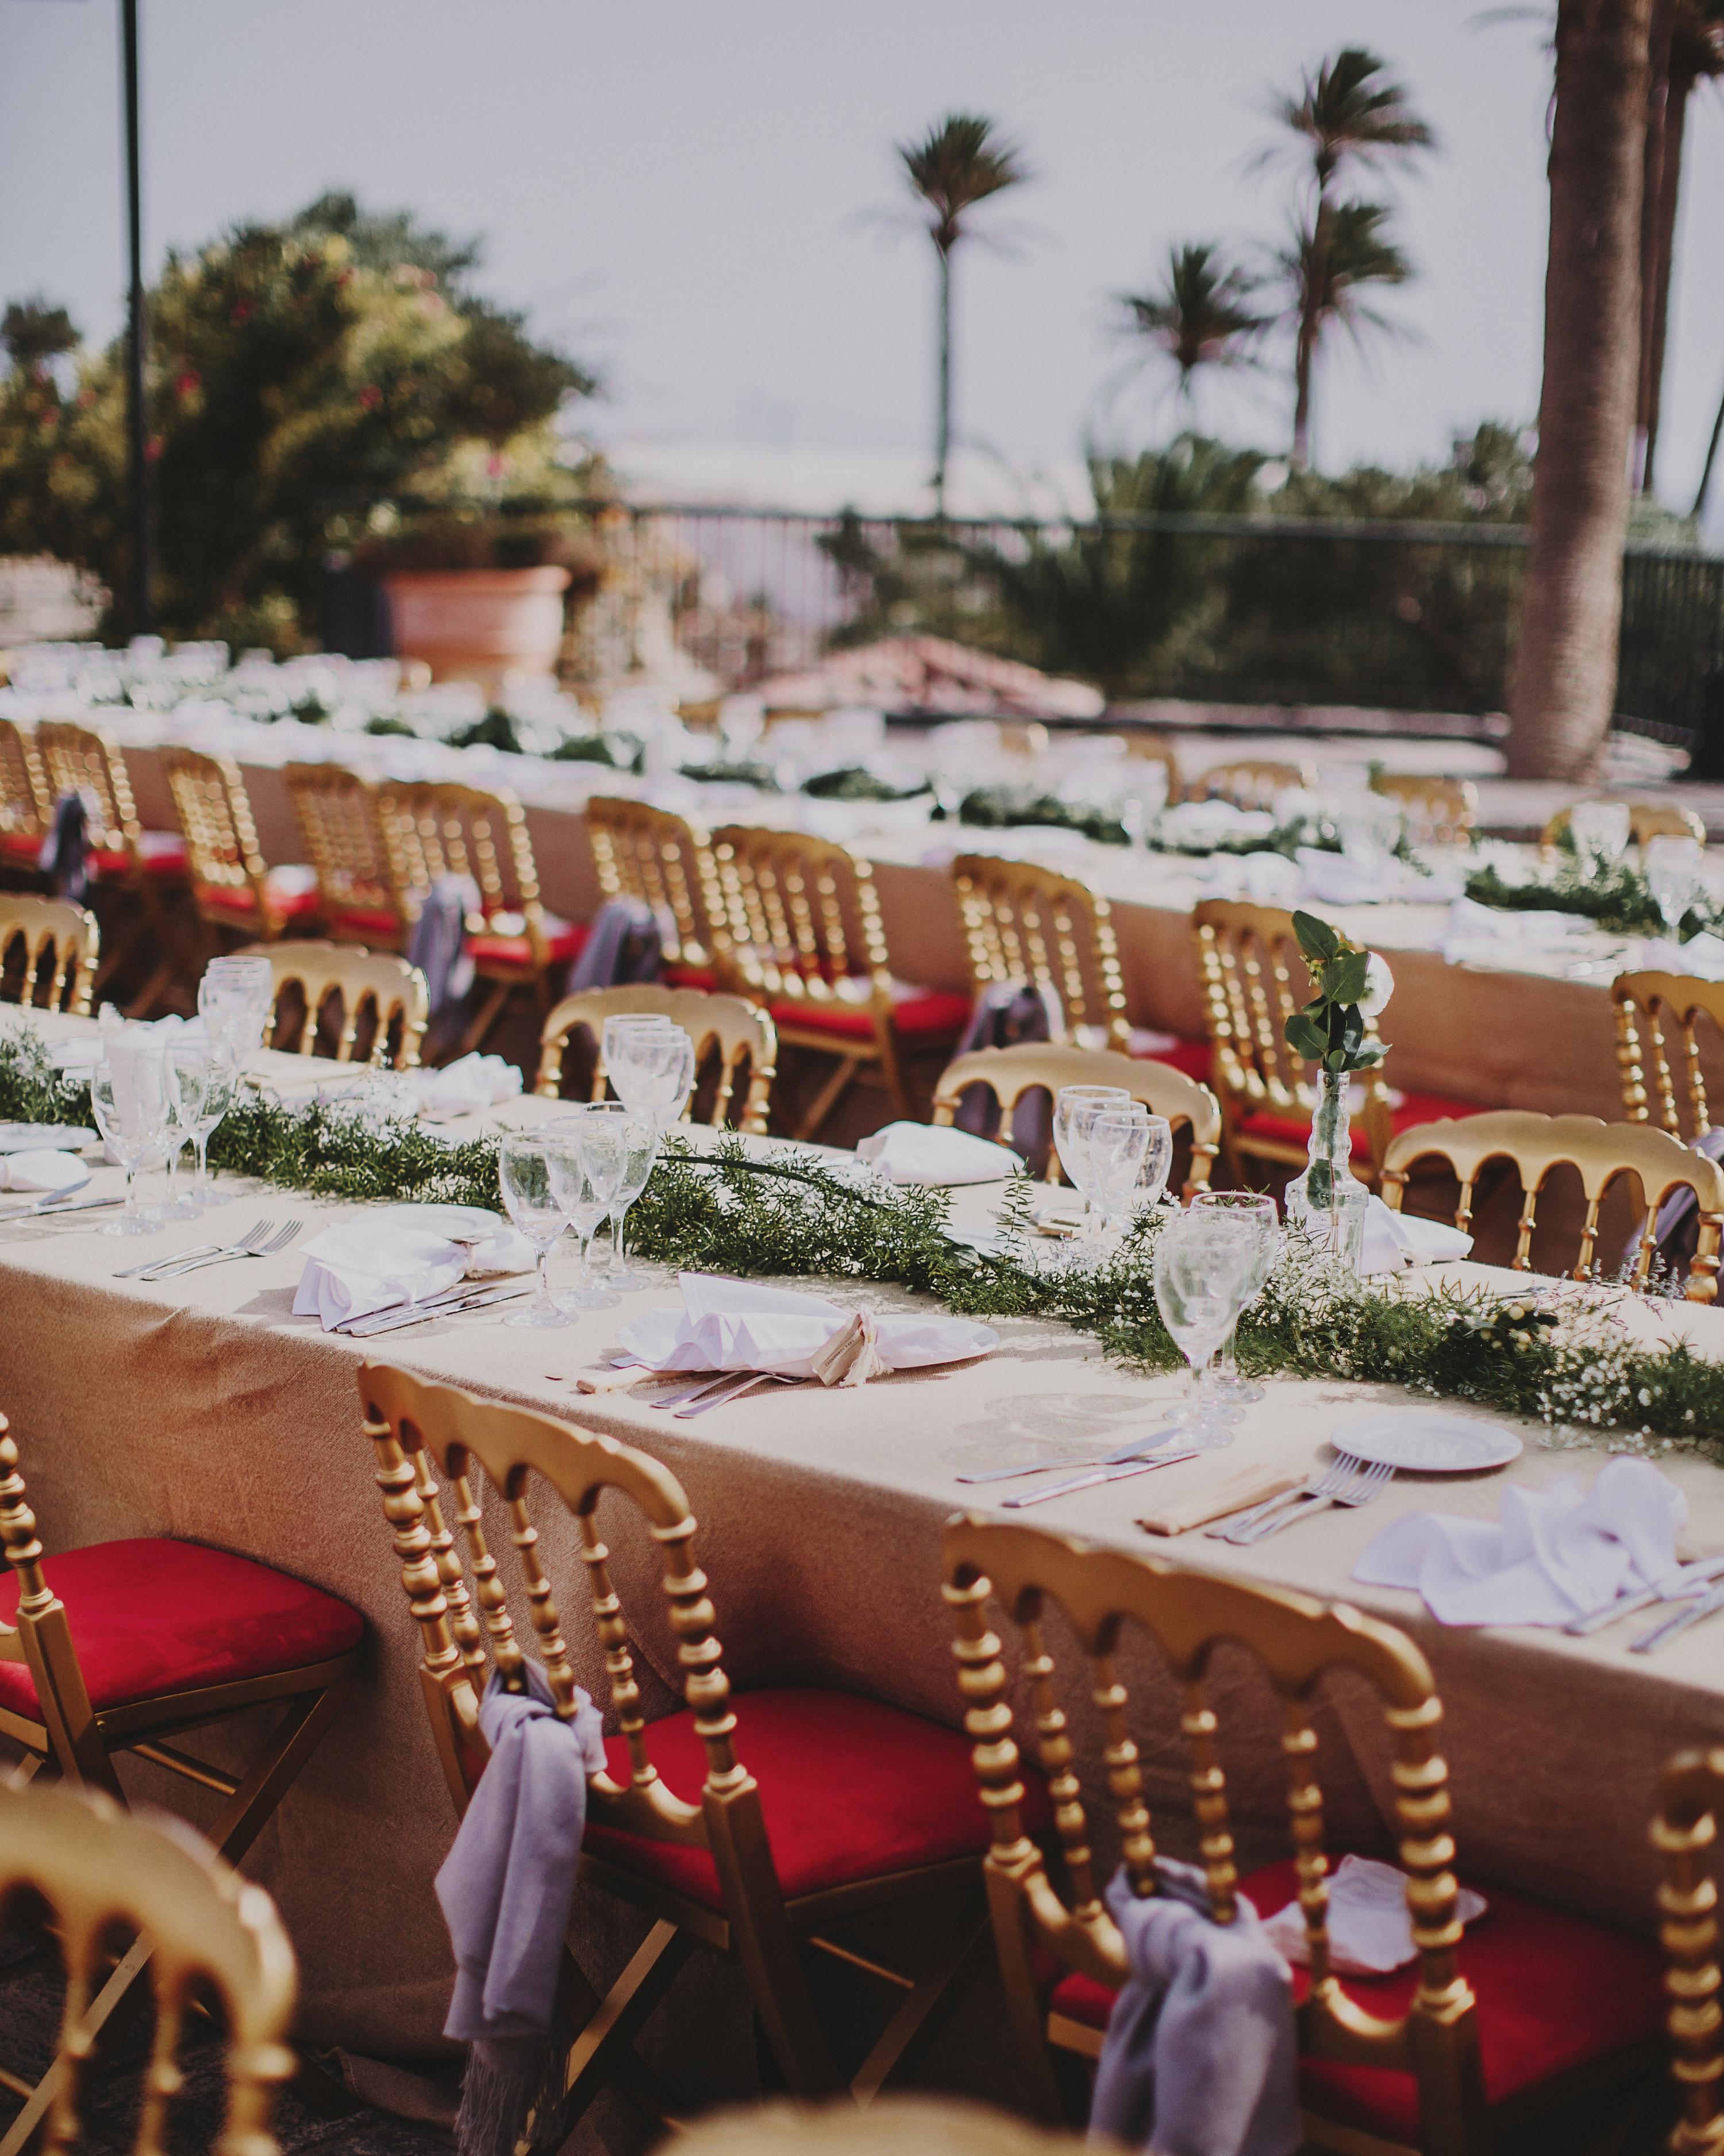 tamara-brett-wedding-tables-0397-s112120-0915.jpg